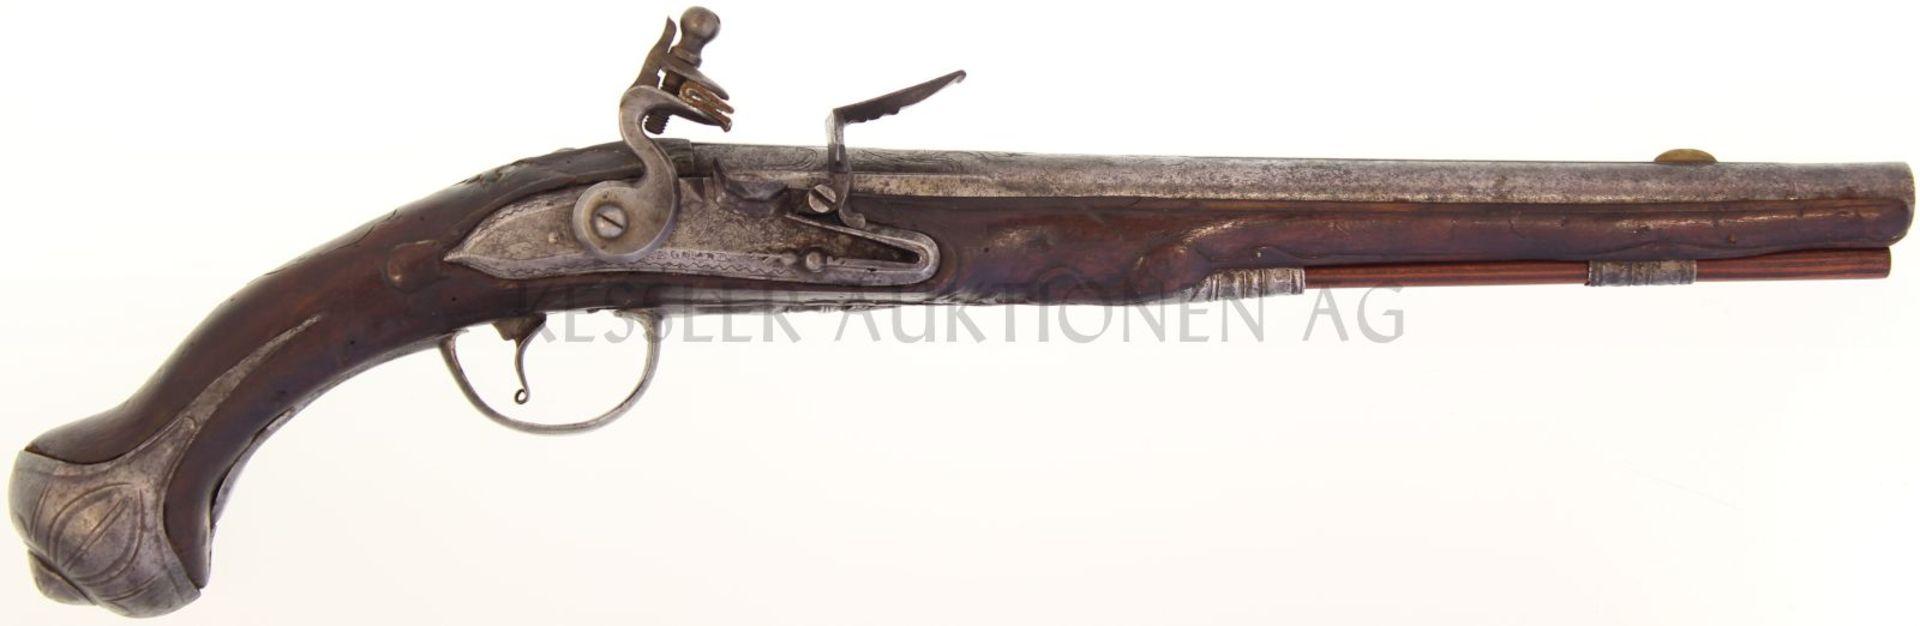 Steinschlosspistole, französisch um 1760, Kal. 15.5mm 33cm langer Rundlauf mit achtkantiger